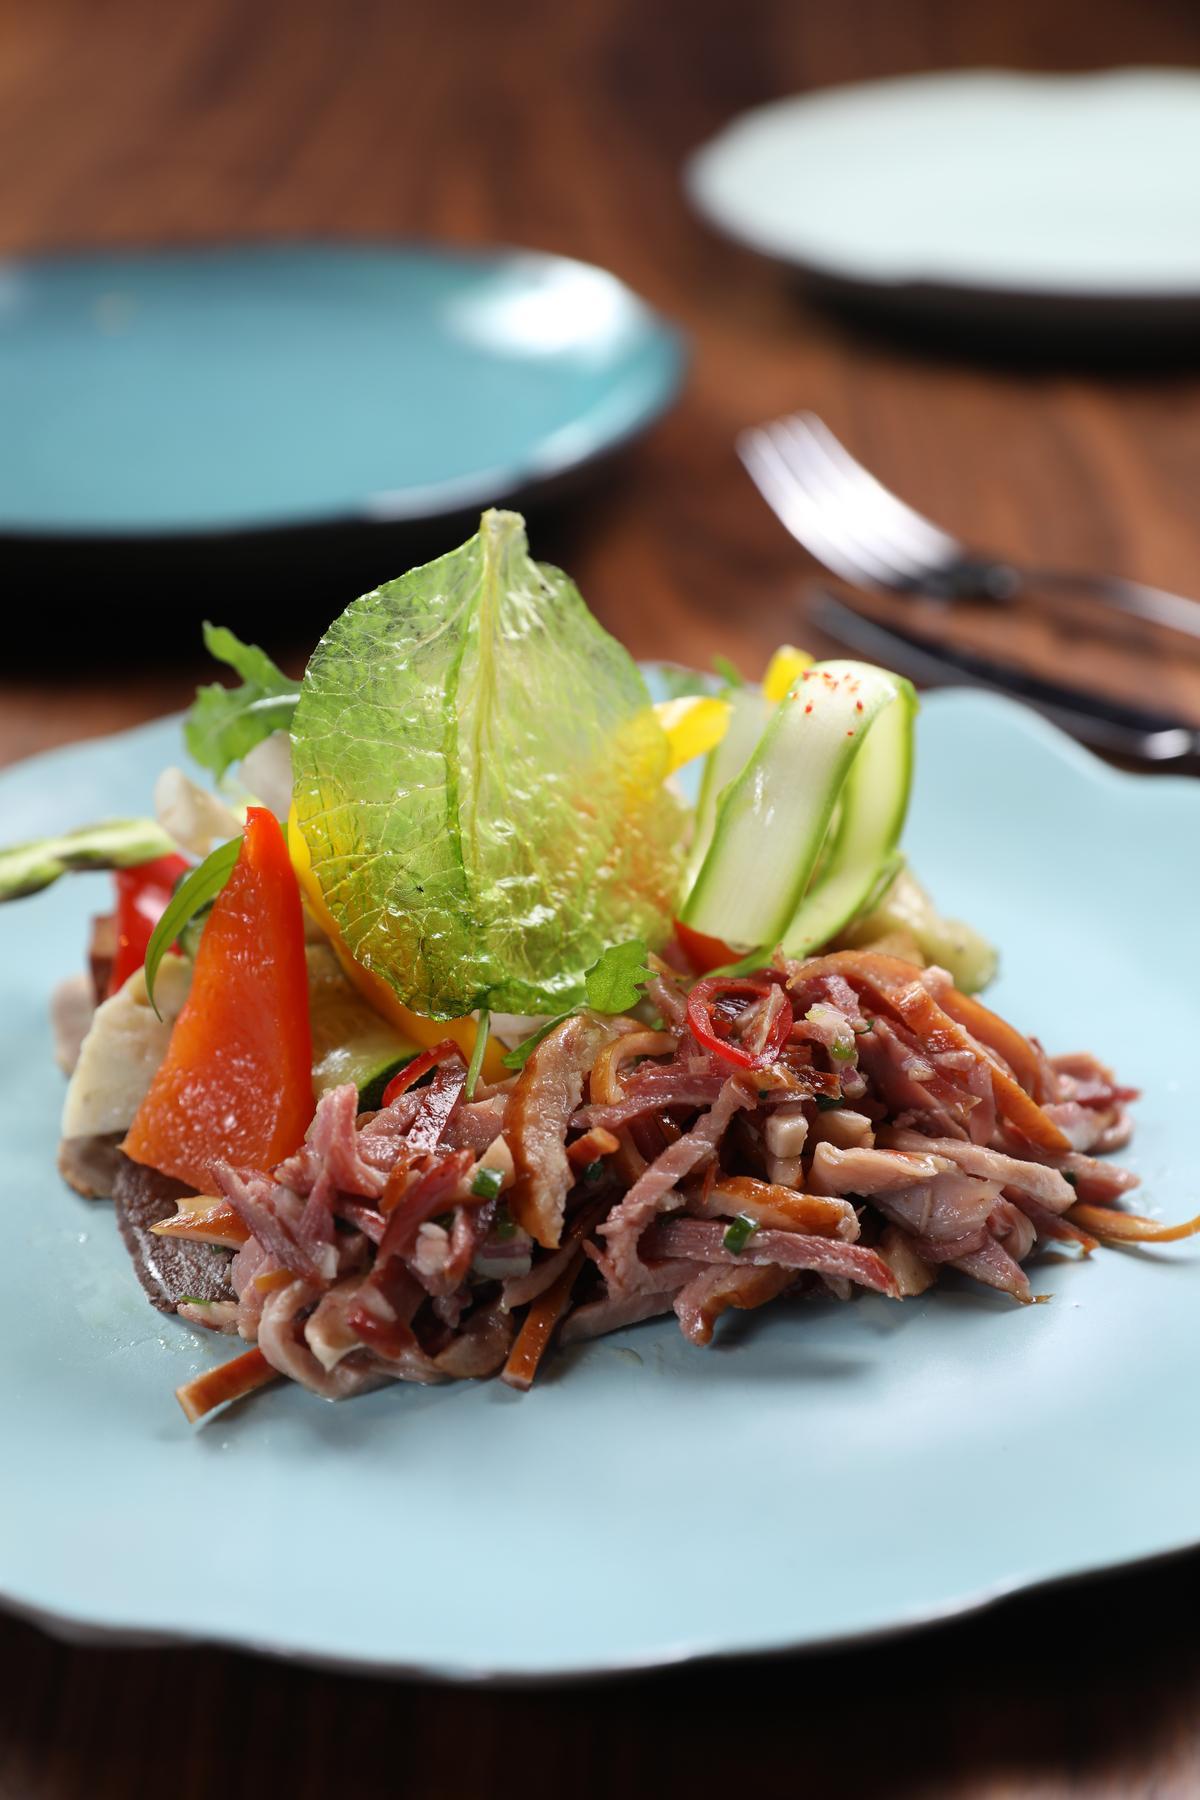 「滷水與油漬蔬菜」混合潮州與法菜風味,台式鴨賞、膽肝與法式牛舌居然非常調和。(350元/份)